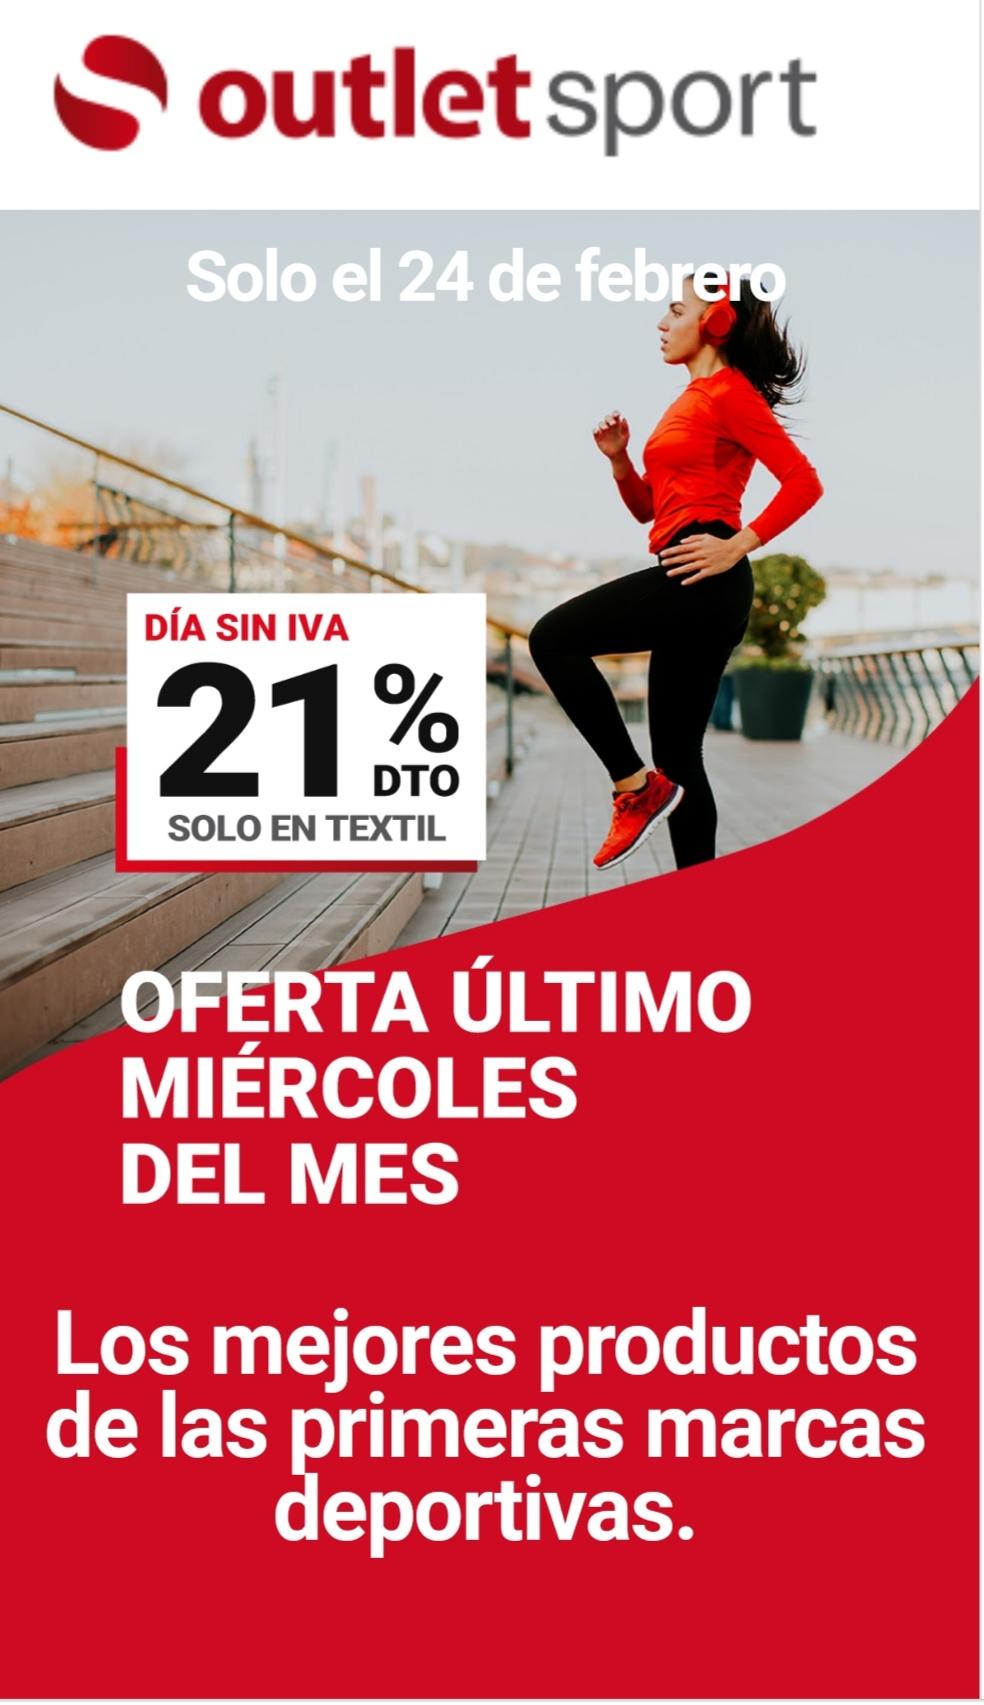 21% en Textil - OutletSport